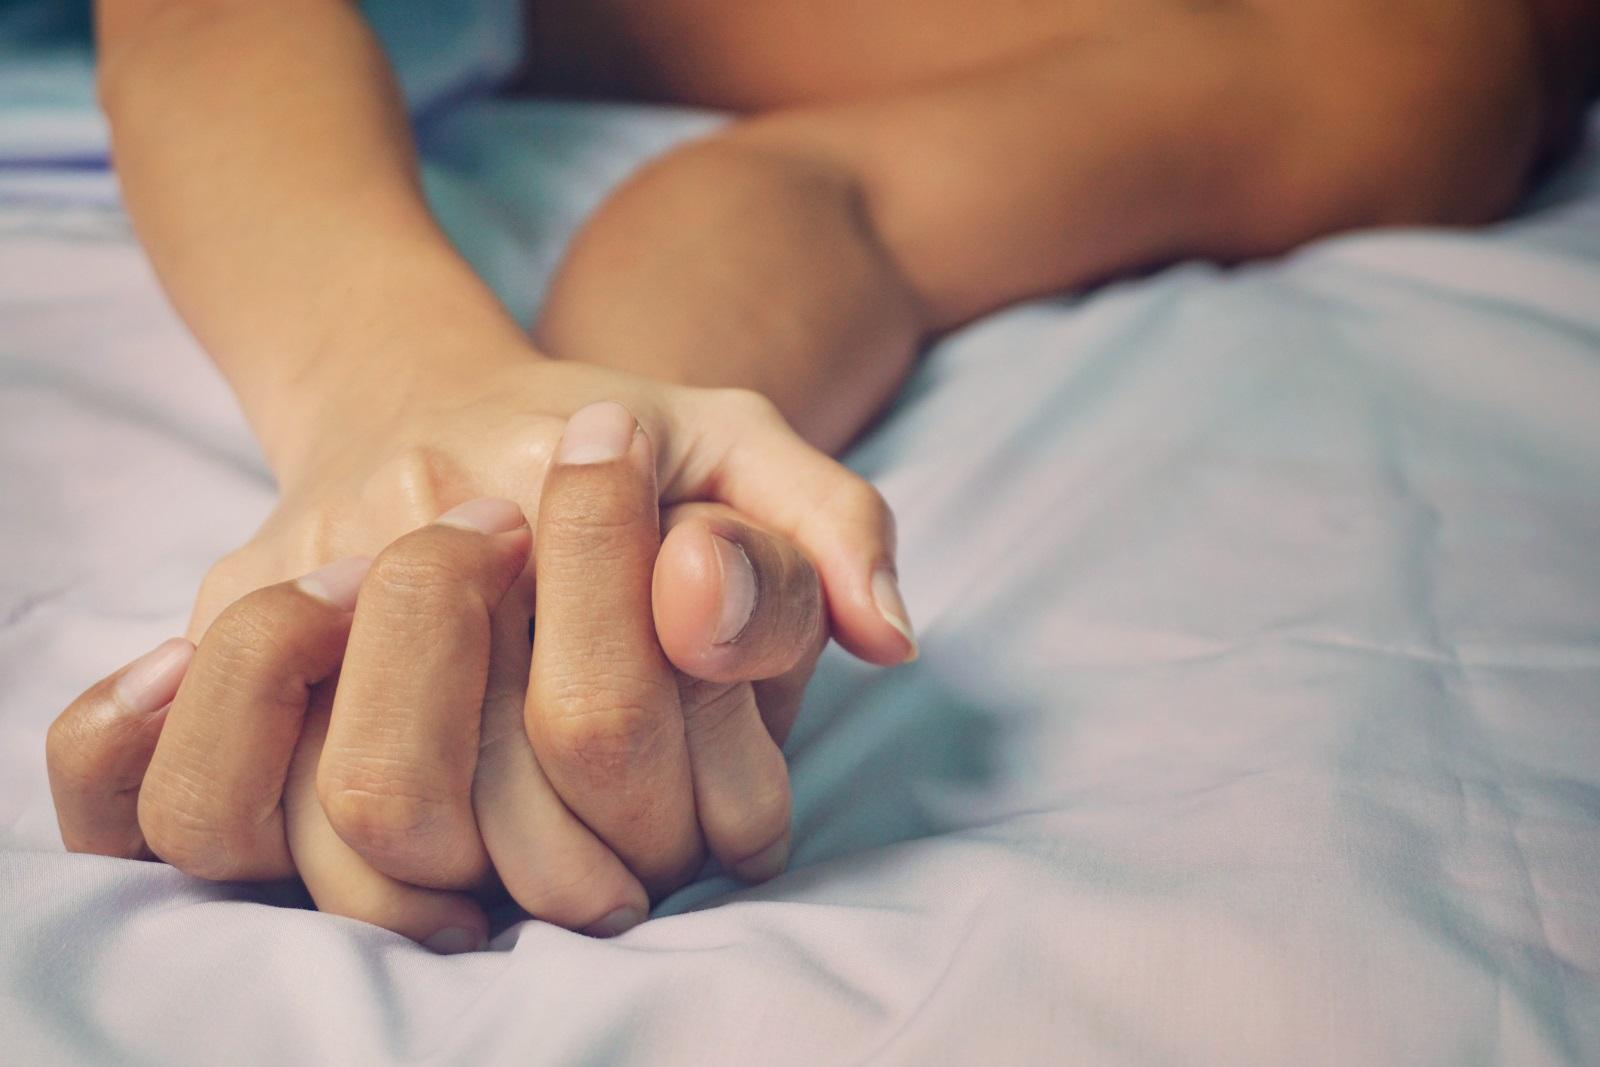 <p>Кои са най-отблъскващите прояви според жените по време на секс? Отговор на този въпрос дава британско проучване, обхванало 1000 жени.</p>